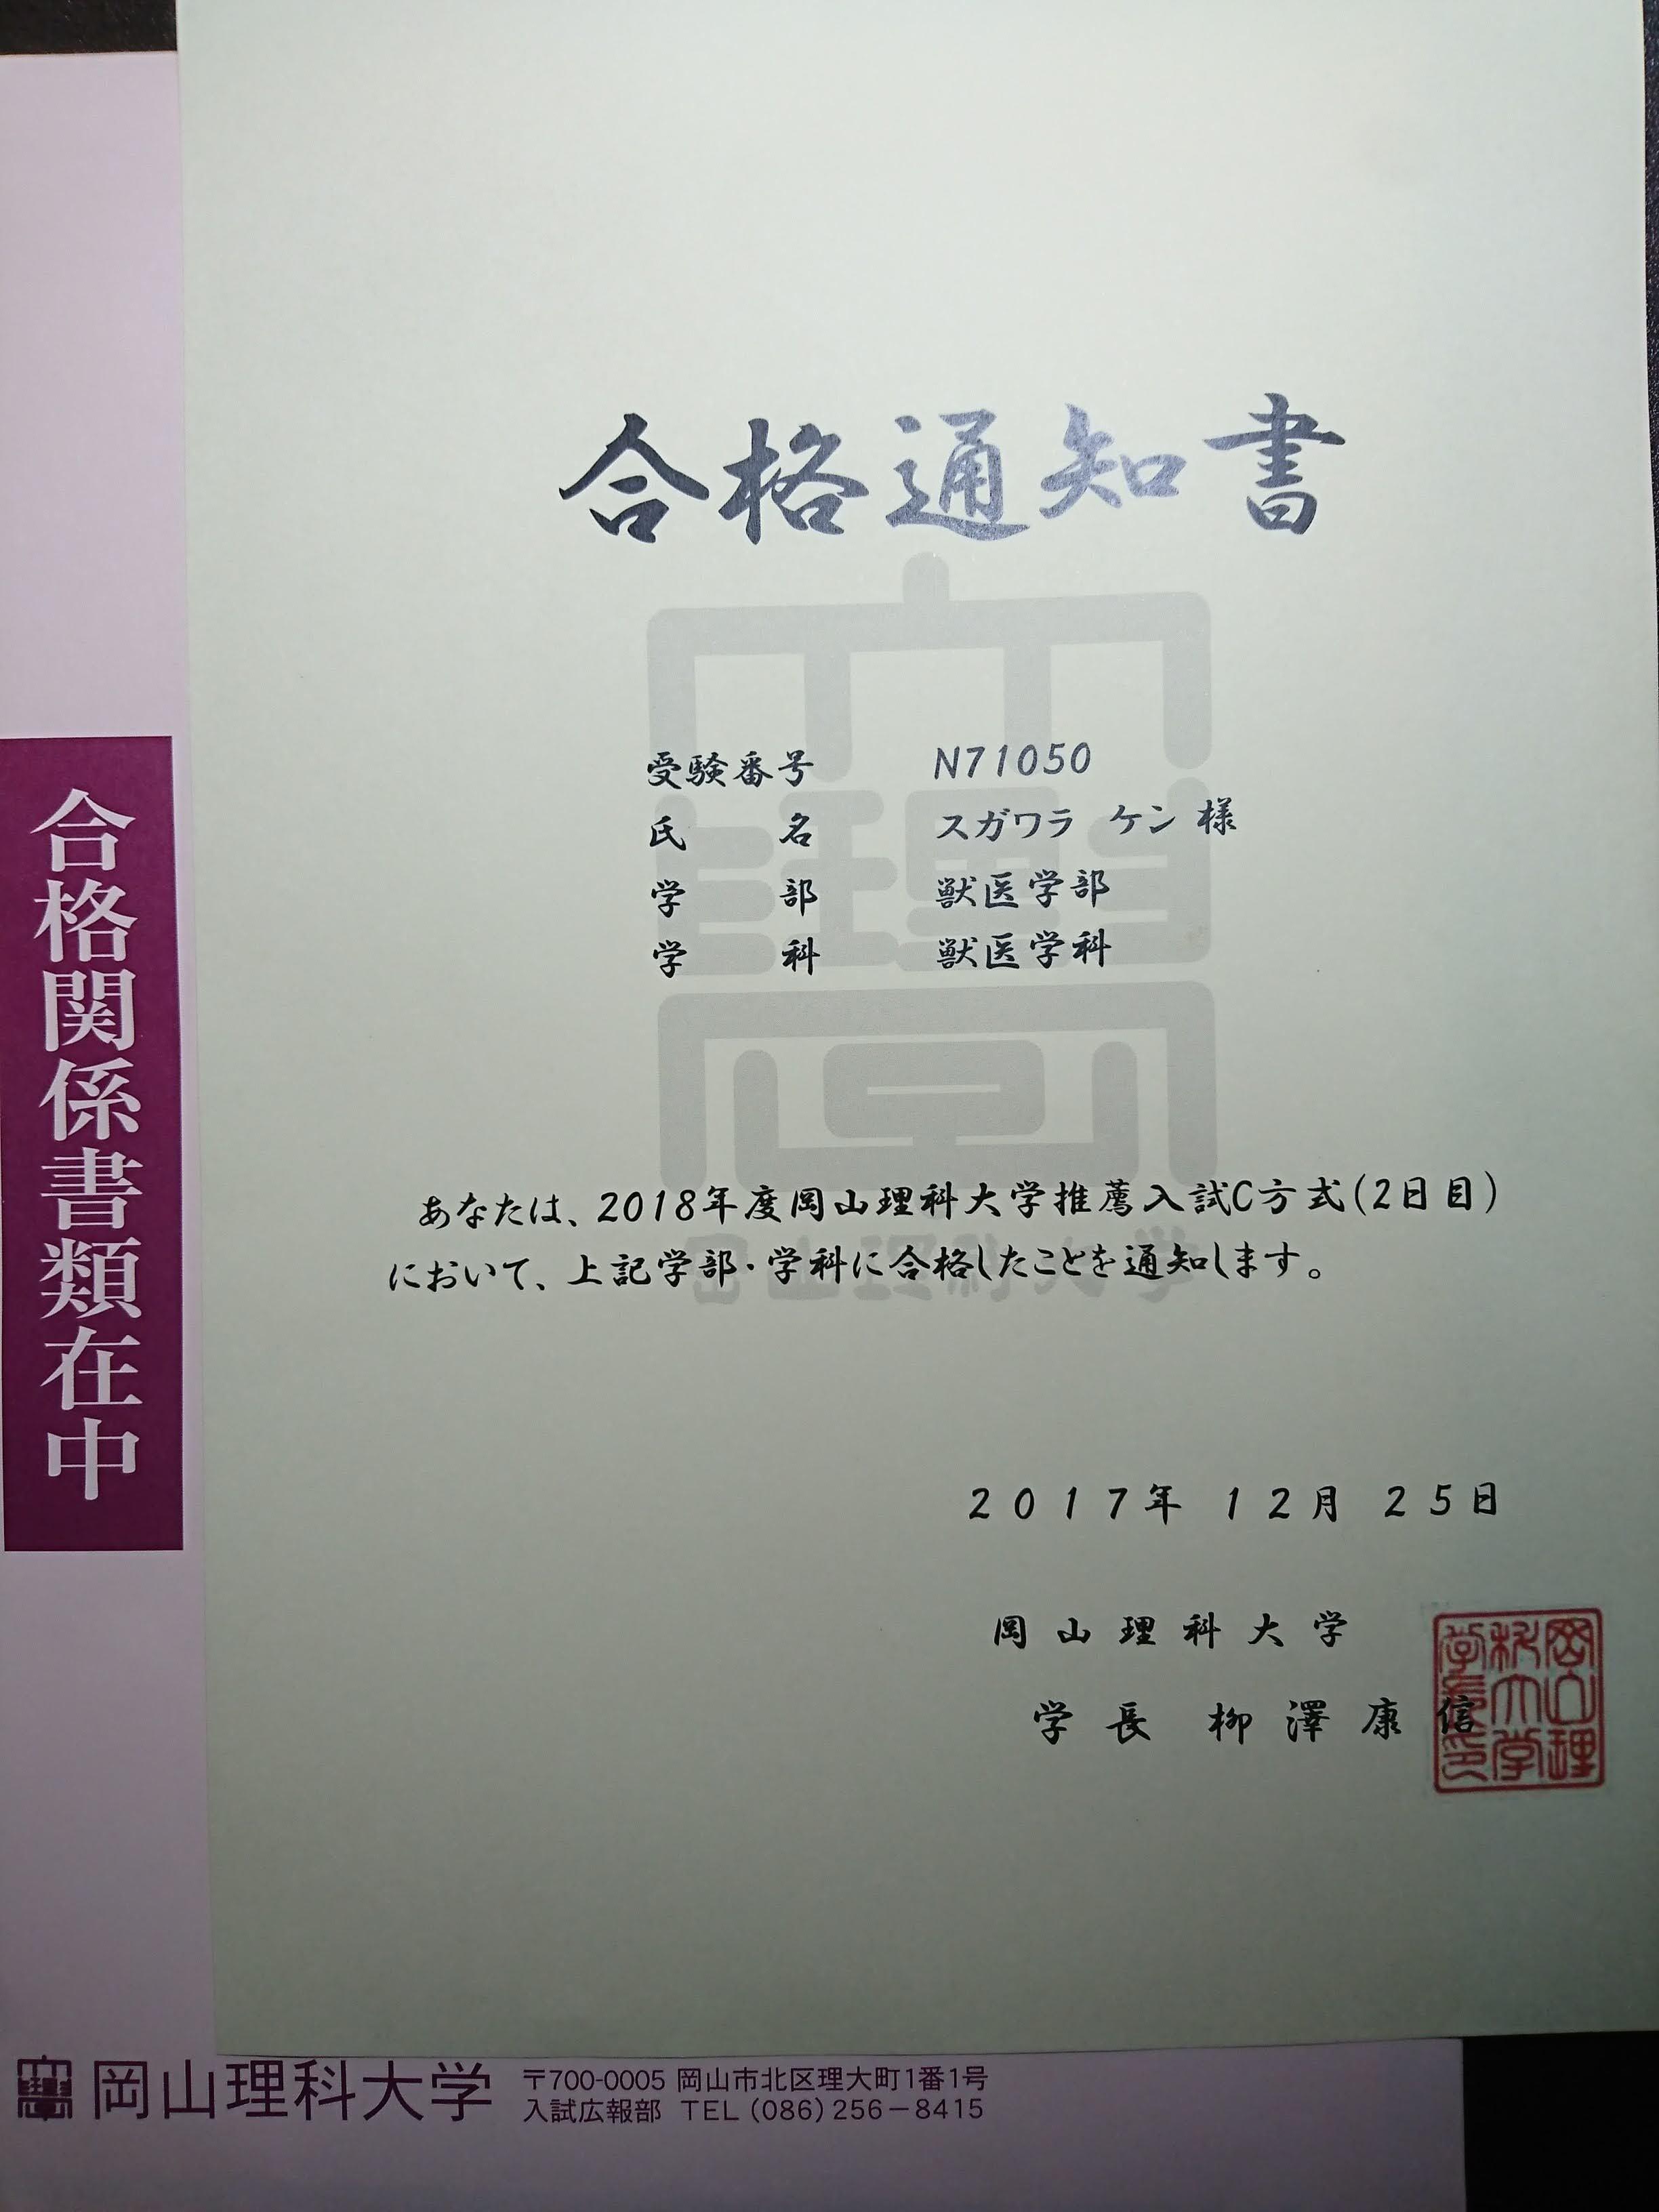 大学 岡山 合格 発表 理科